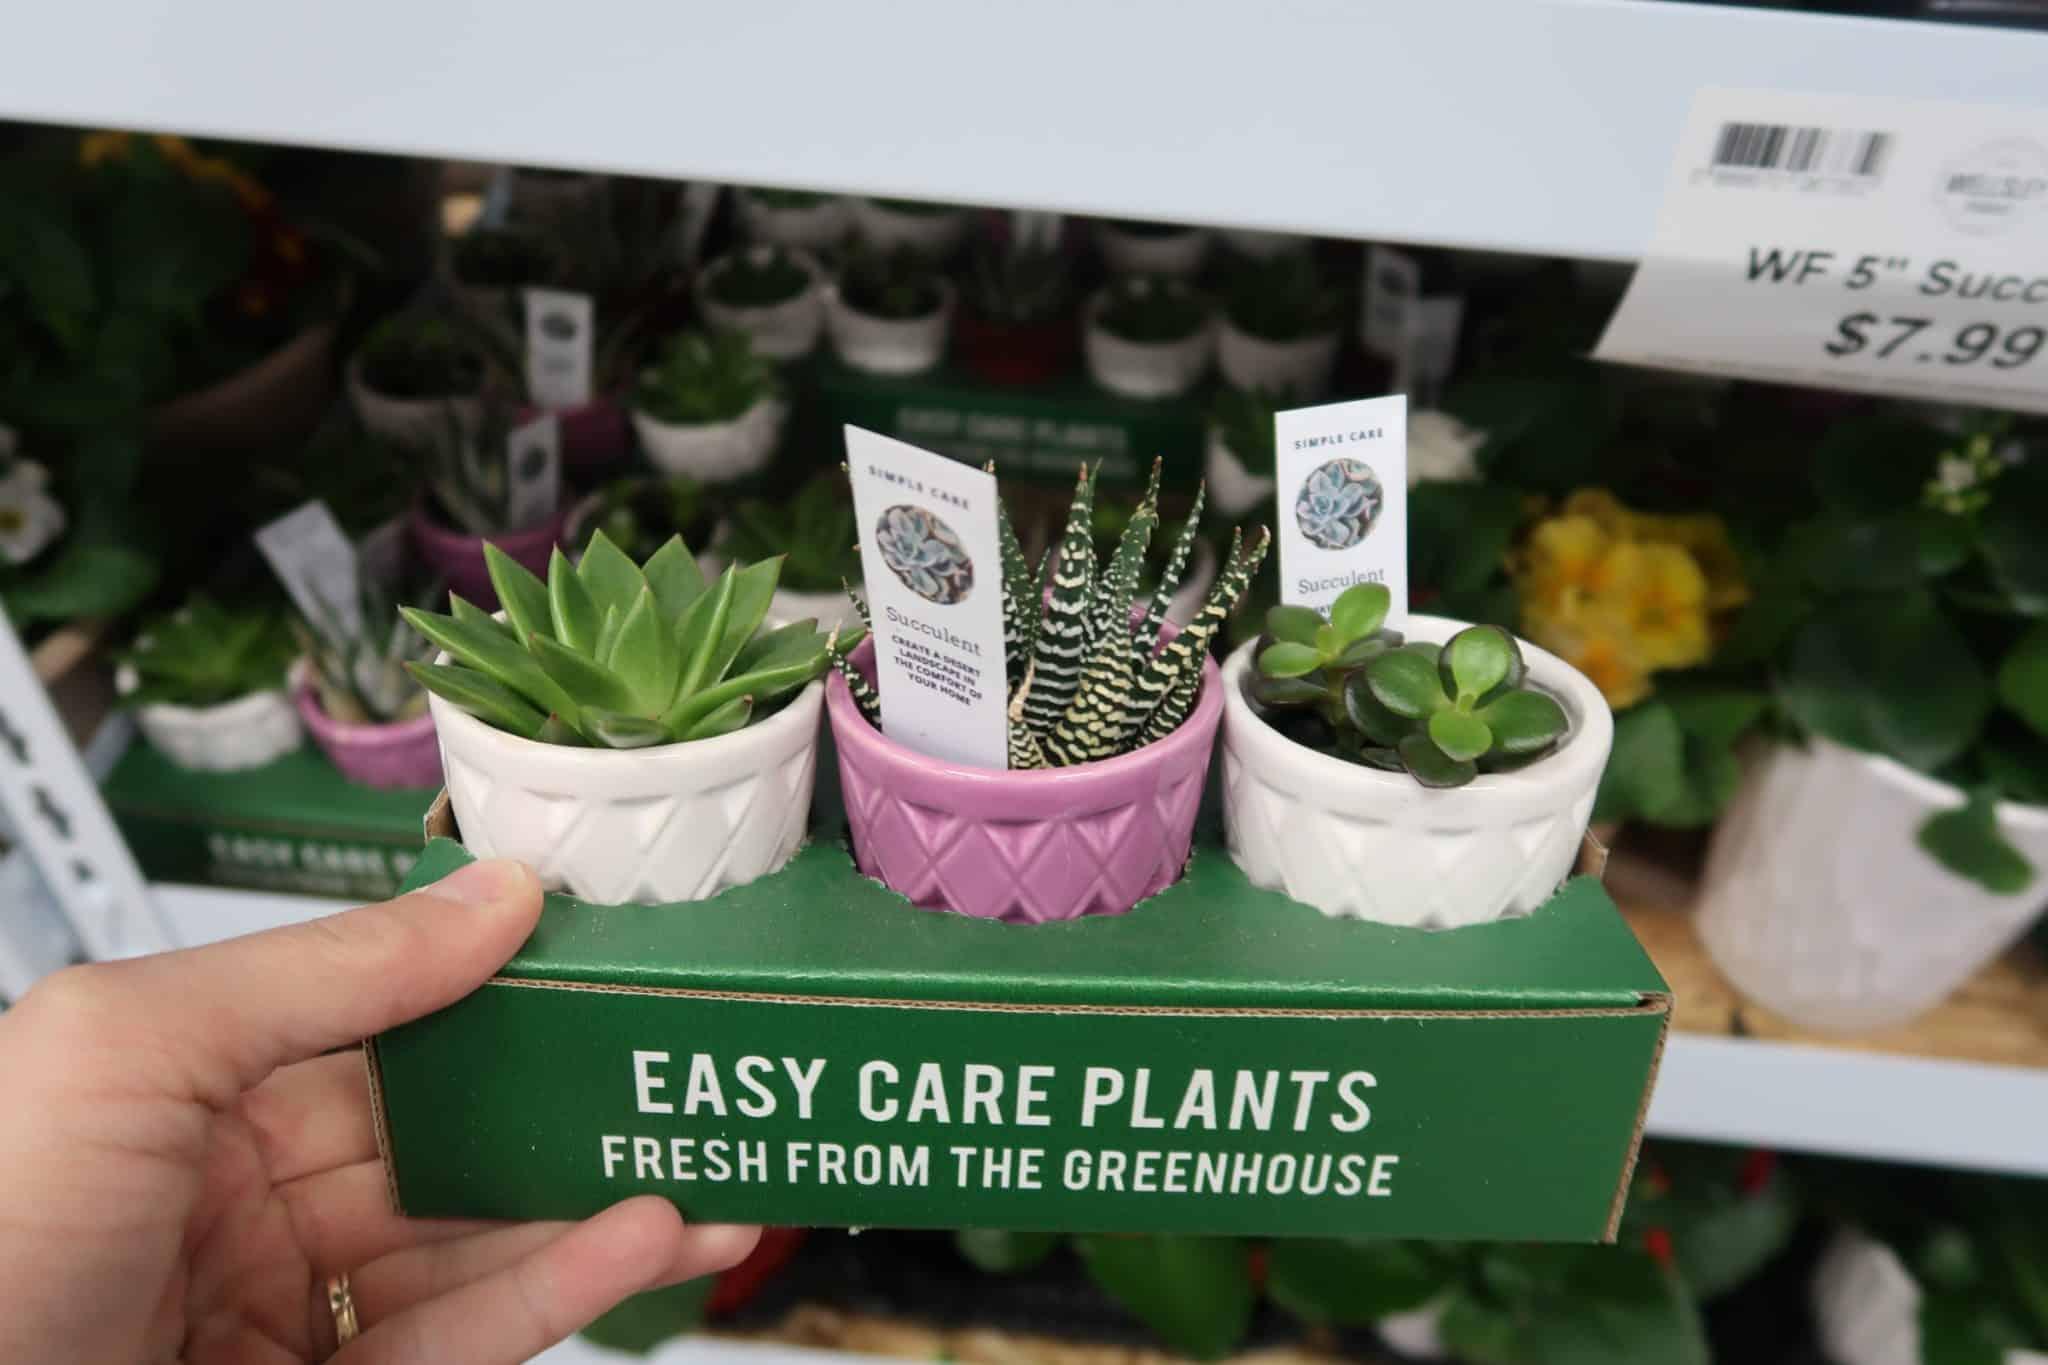 Cute New Mini Succulents & Plants at BJs